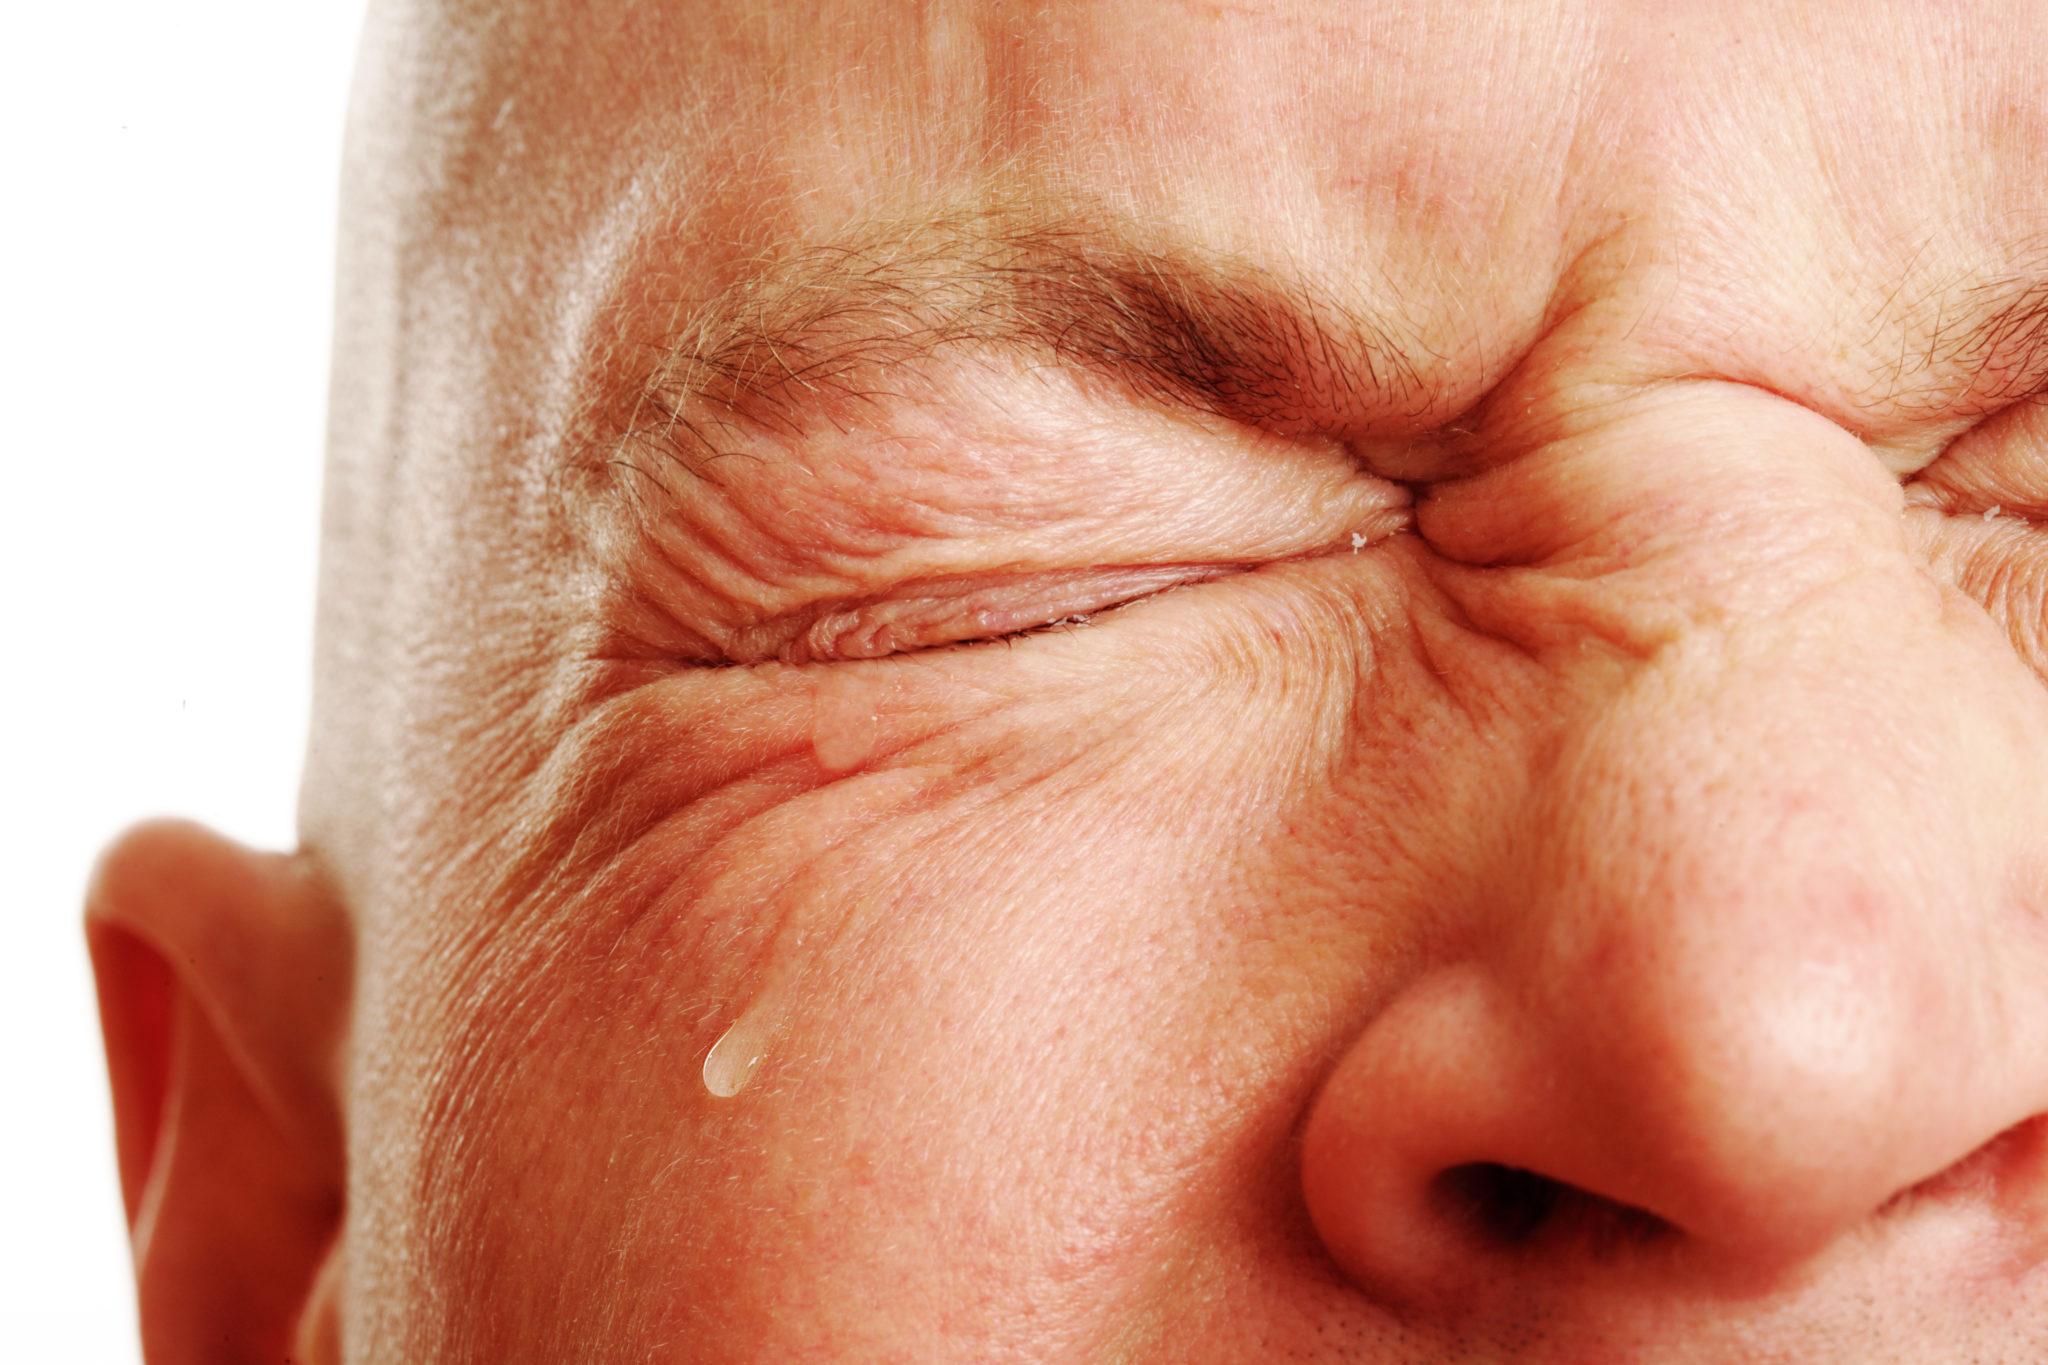 Ein Mann drückt schmerzverzerrt seine Augen zu. Eine Träne kommt aus dem rechten Auge.